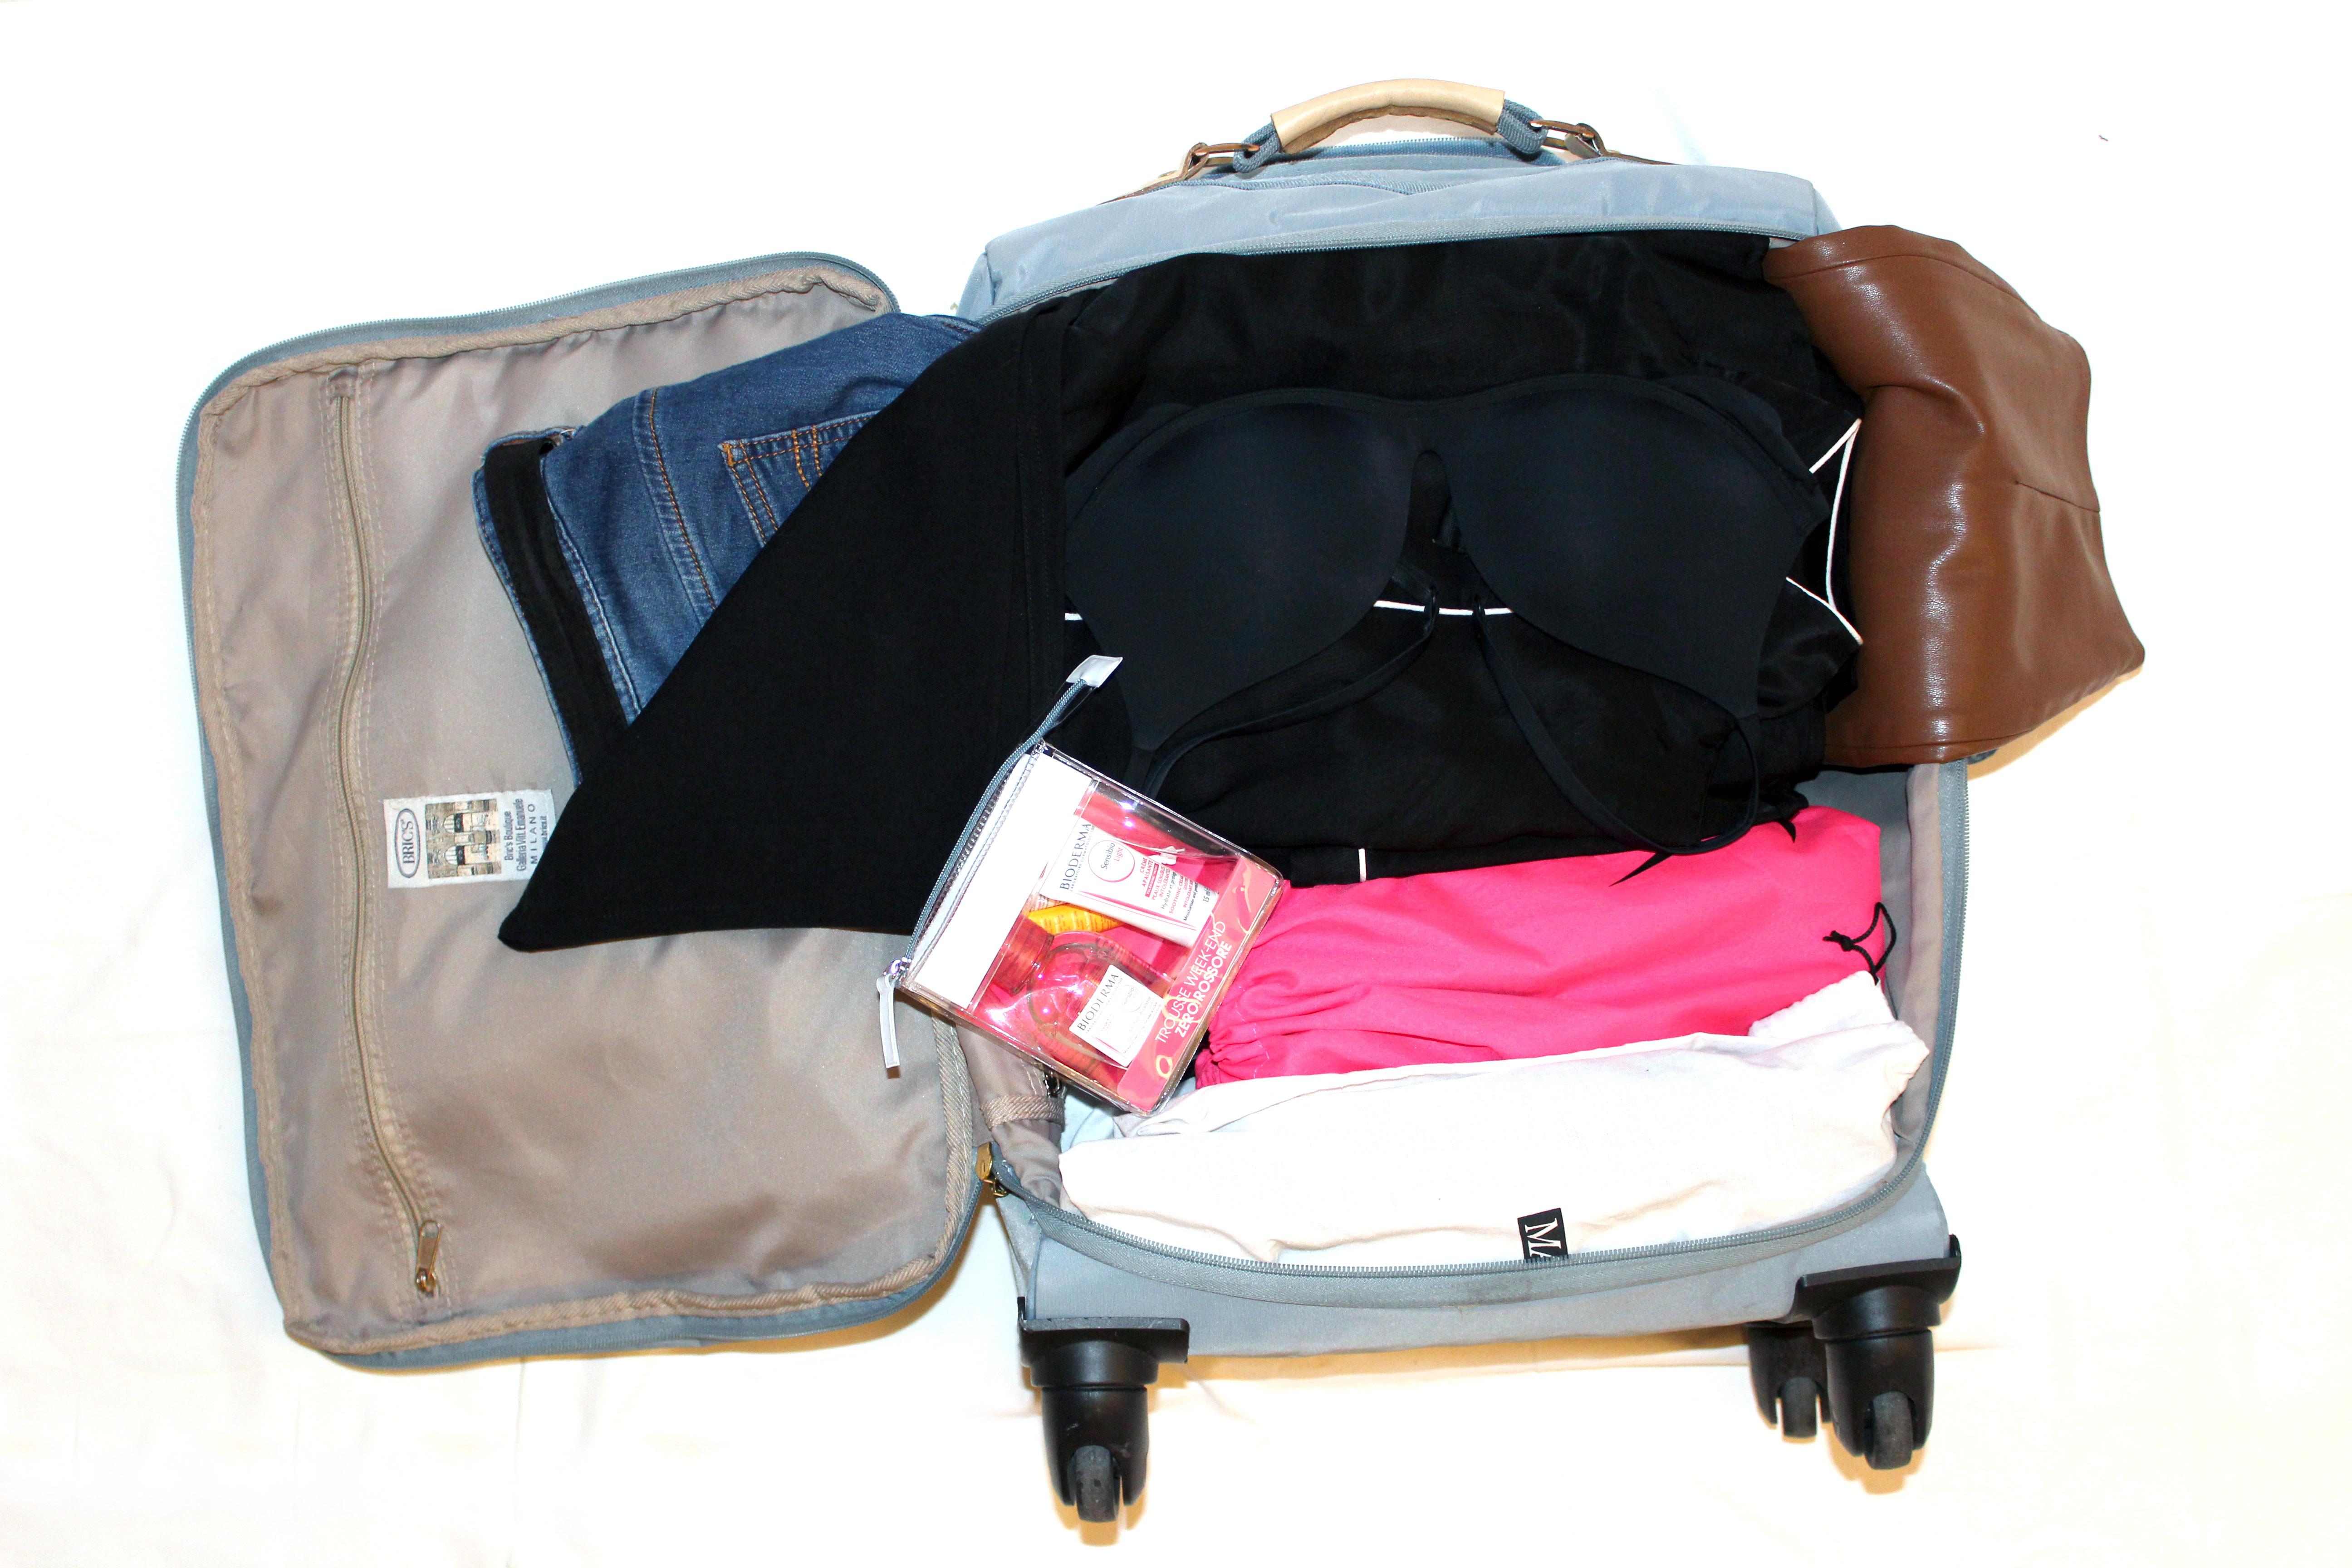 Lasciare le estremità dei pantaloni fuori dalla valigia...